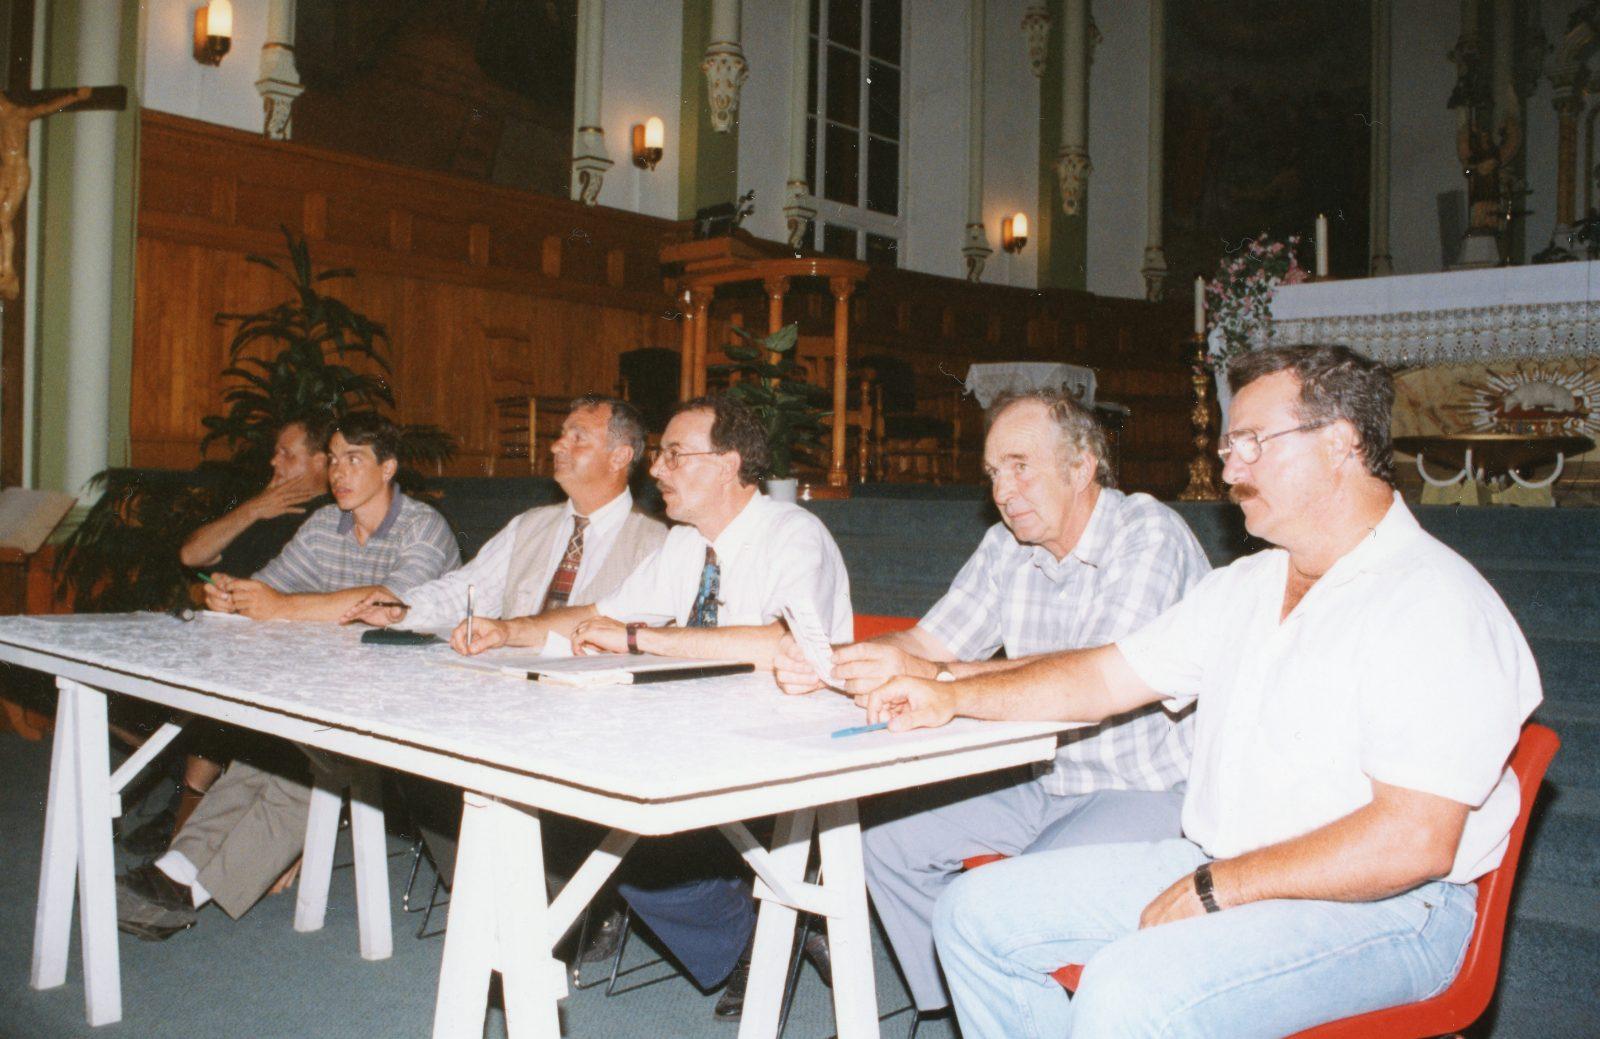 Déluge: le Lac-Saint-Jean se souvient 25 ans plus tard